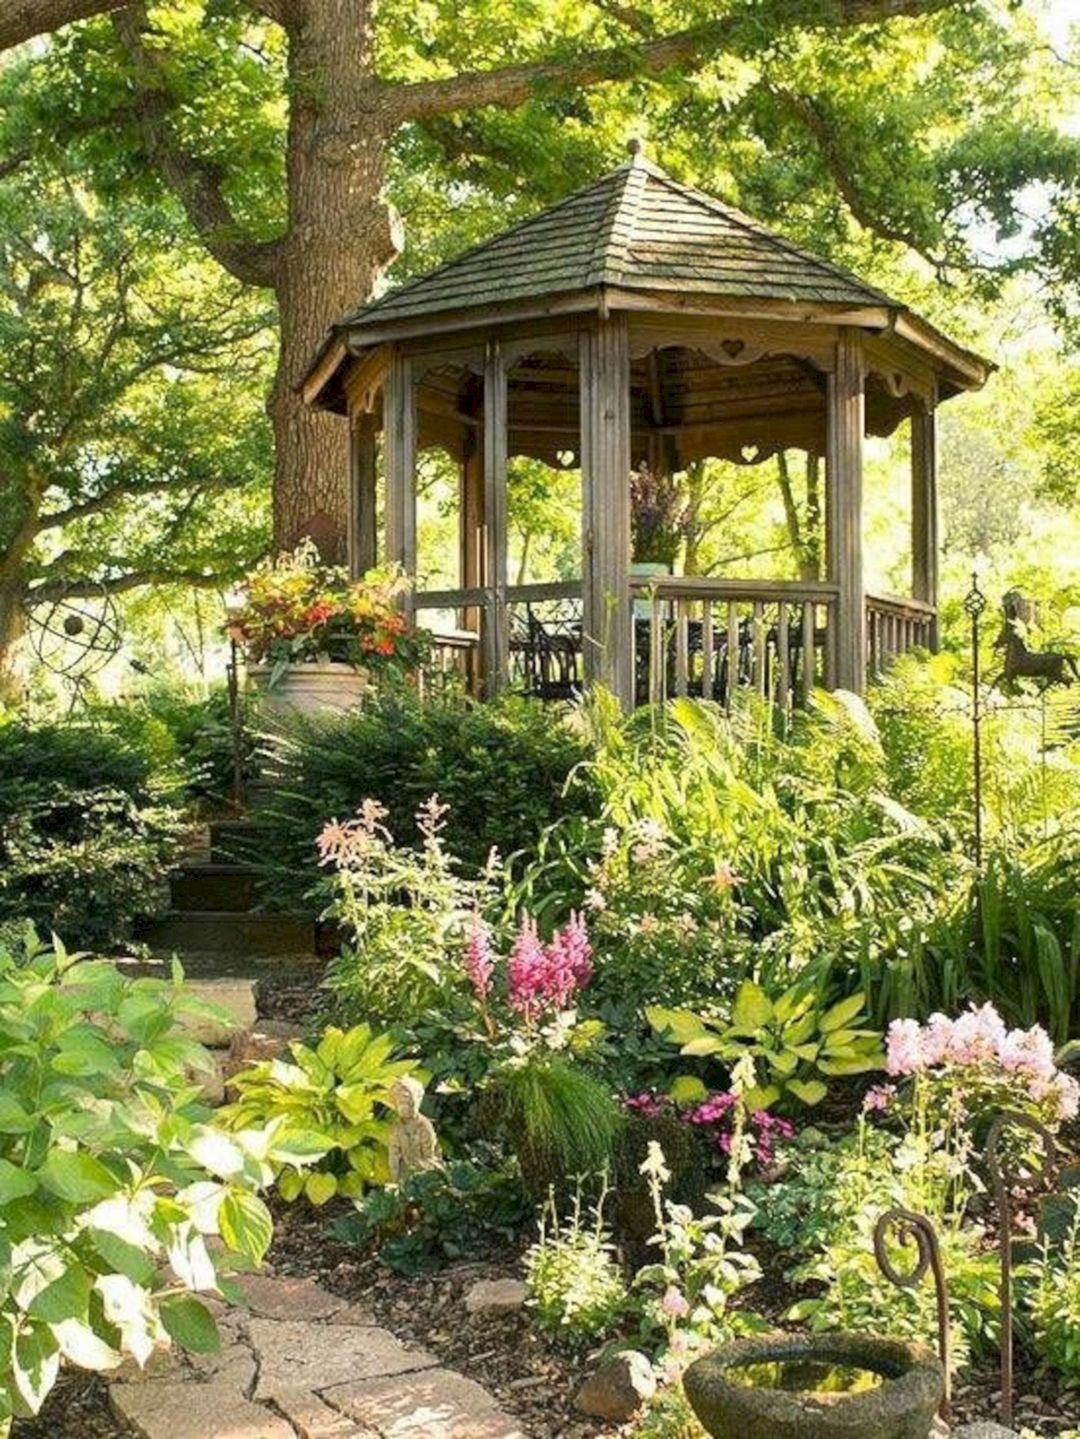 Backyard Flower Garden With Gazebo 21